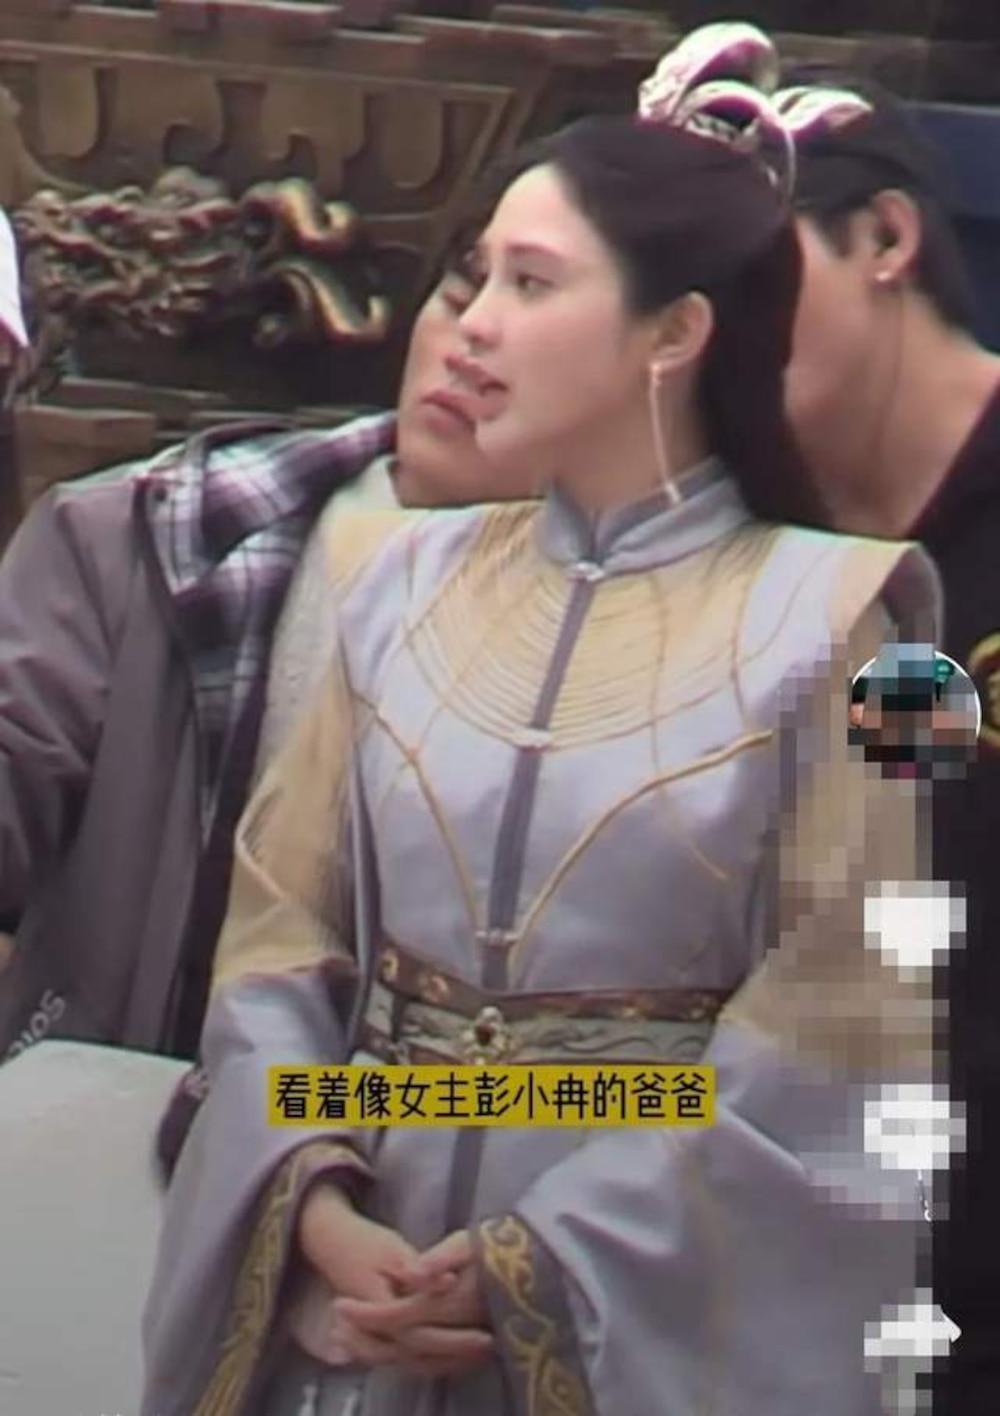 Kết hôn xong có nhiều thay đổi: Phùng Thiệu Phong trông như cha của nữ chính trong loạt ảnh hậu trường Ảnh 5